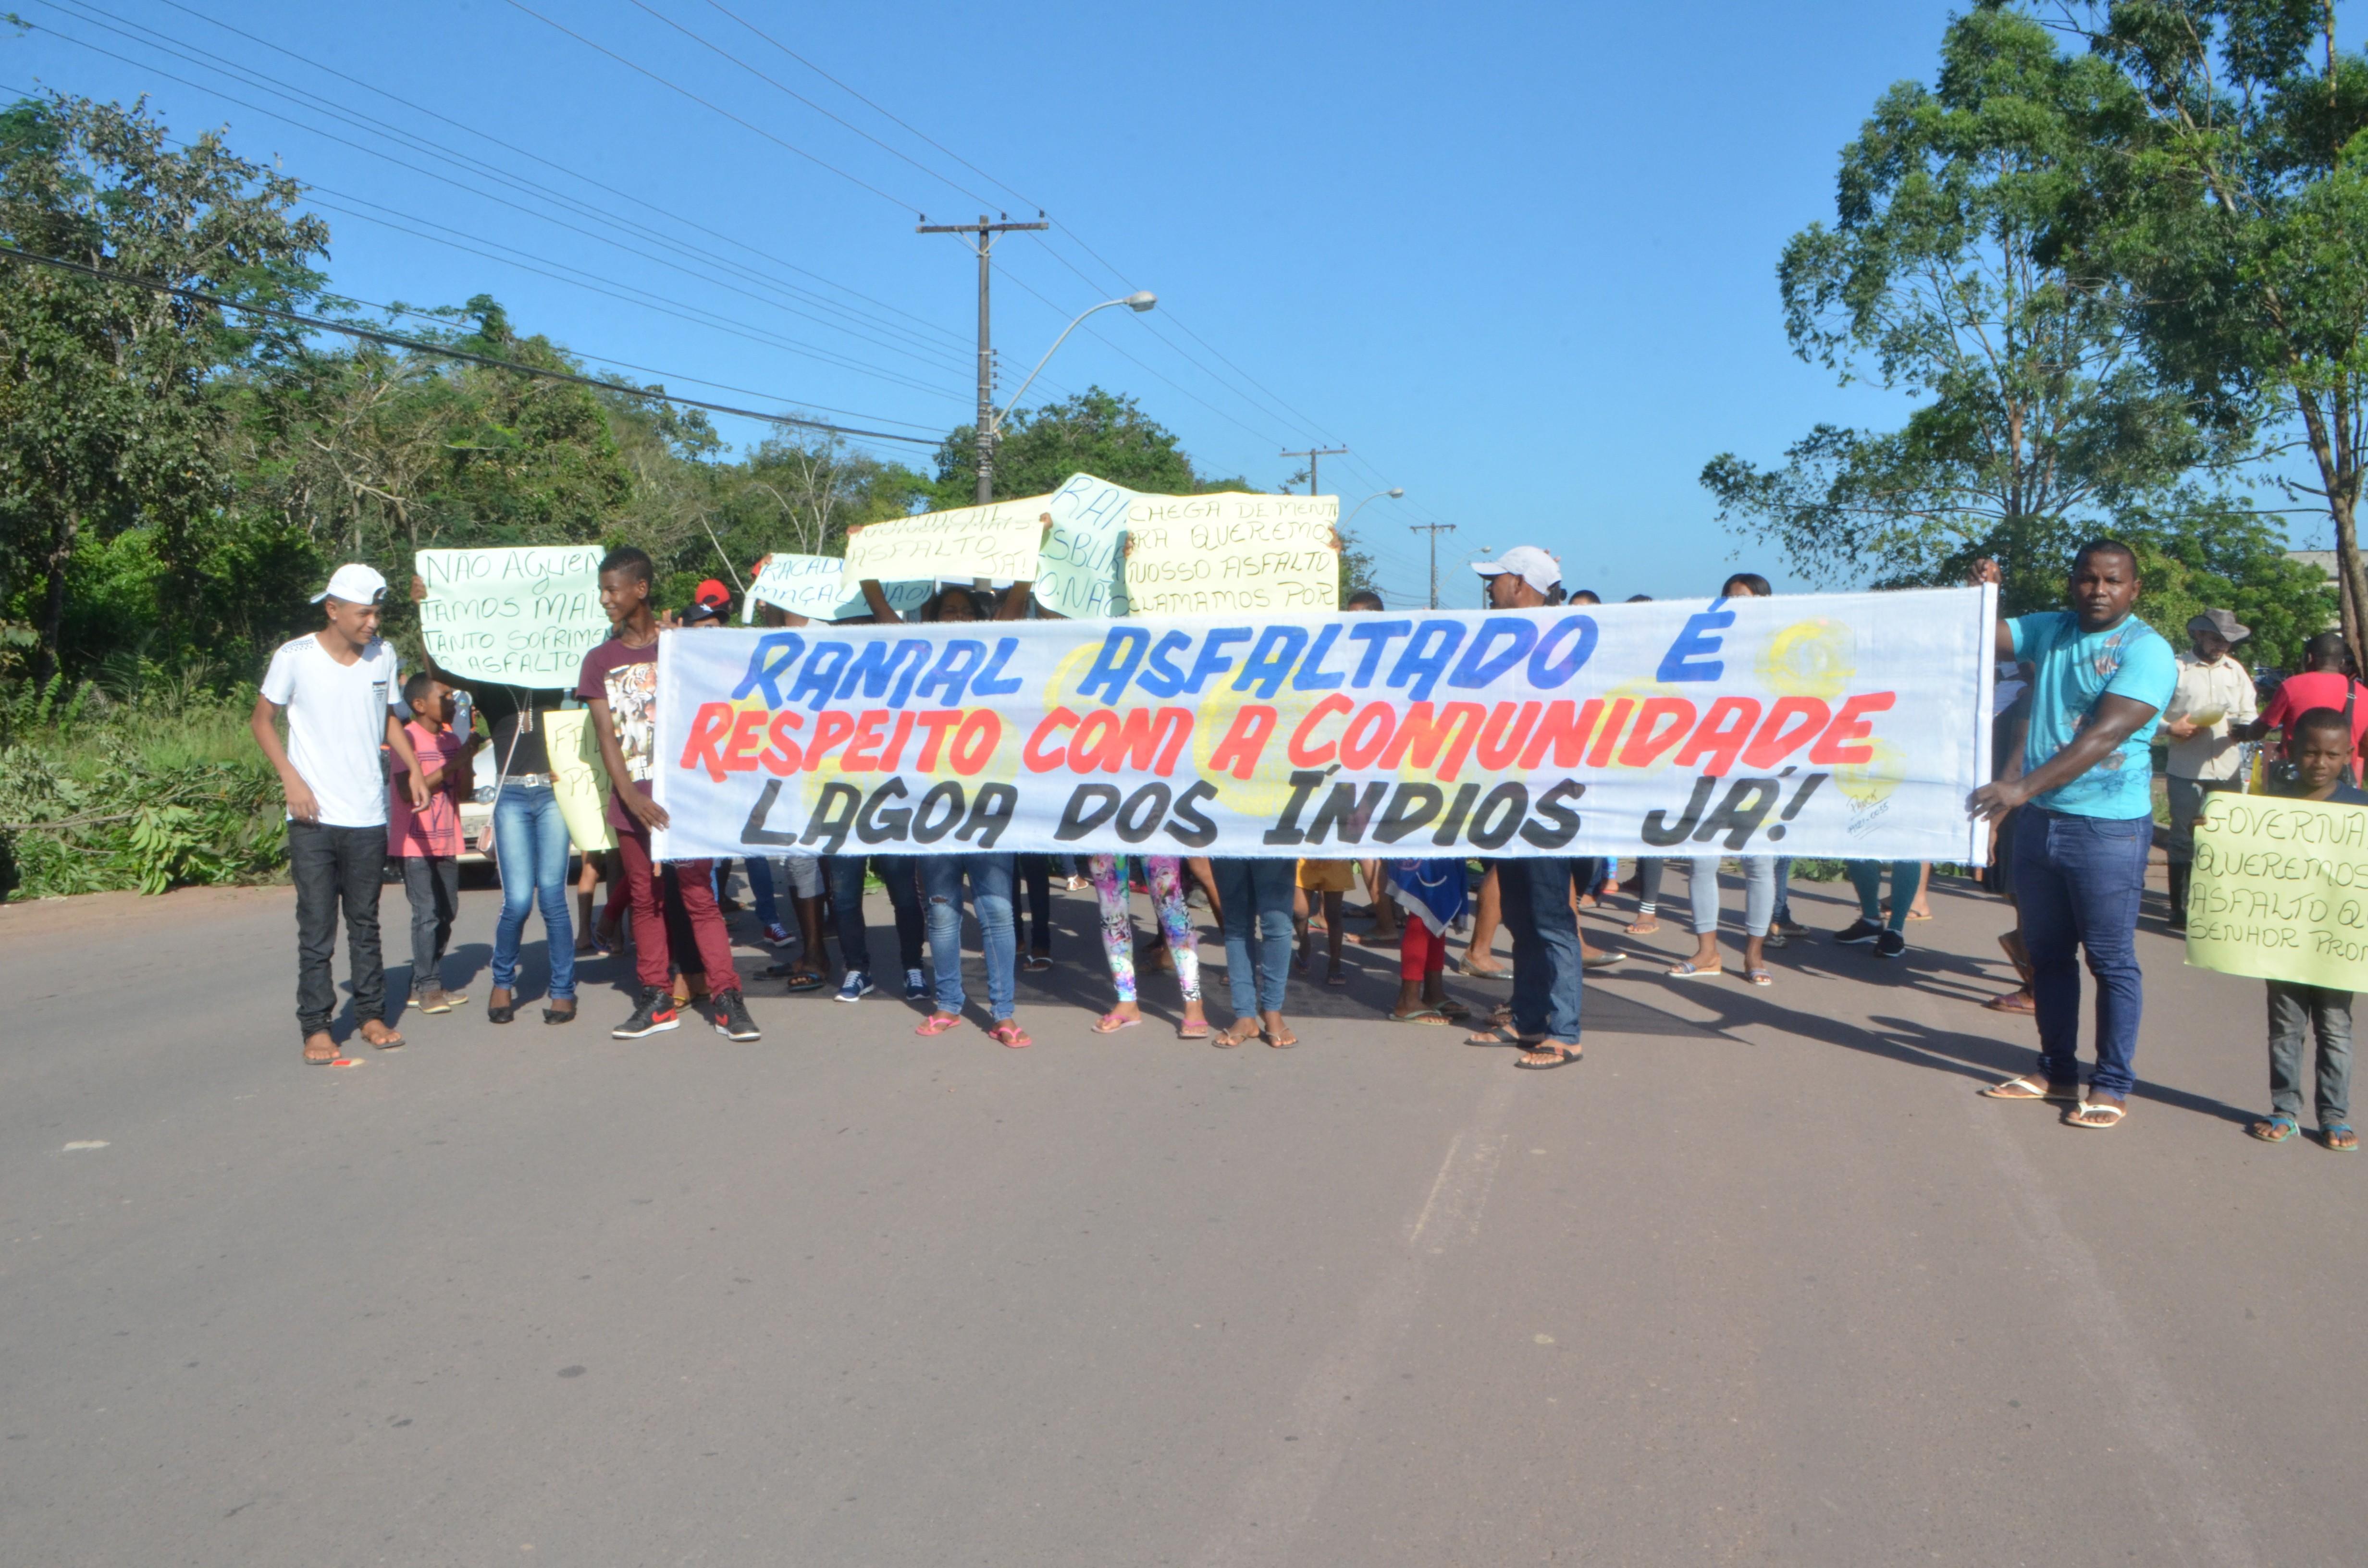 Rodovia é interditada em ato por asfalto no acesso a comunidade quilombola em Macapá - Notícias - Plantão Diário